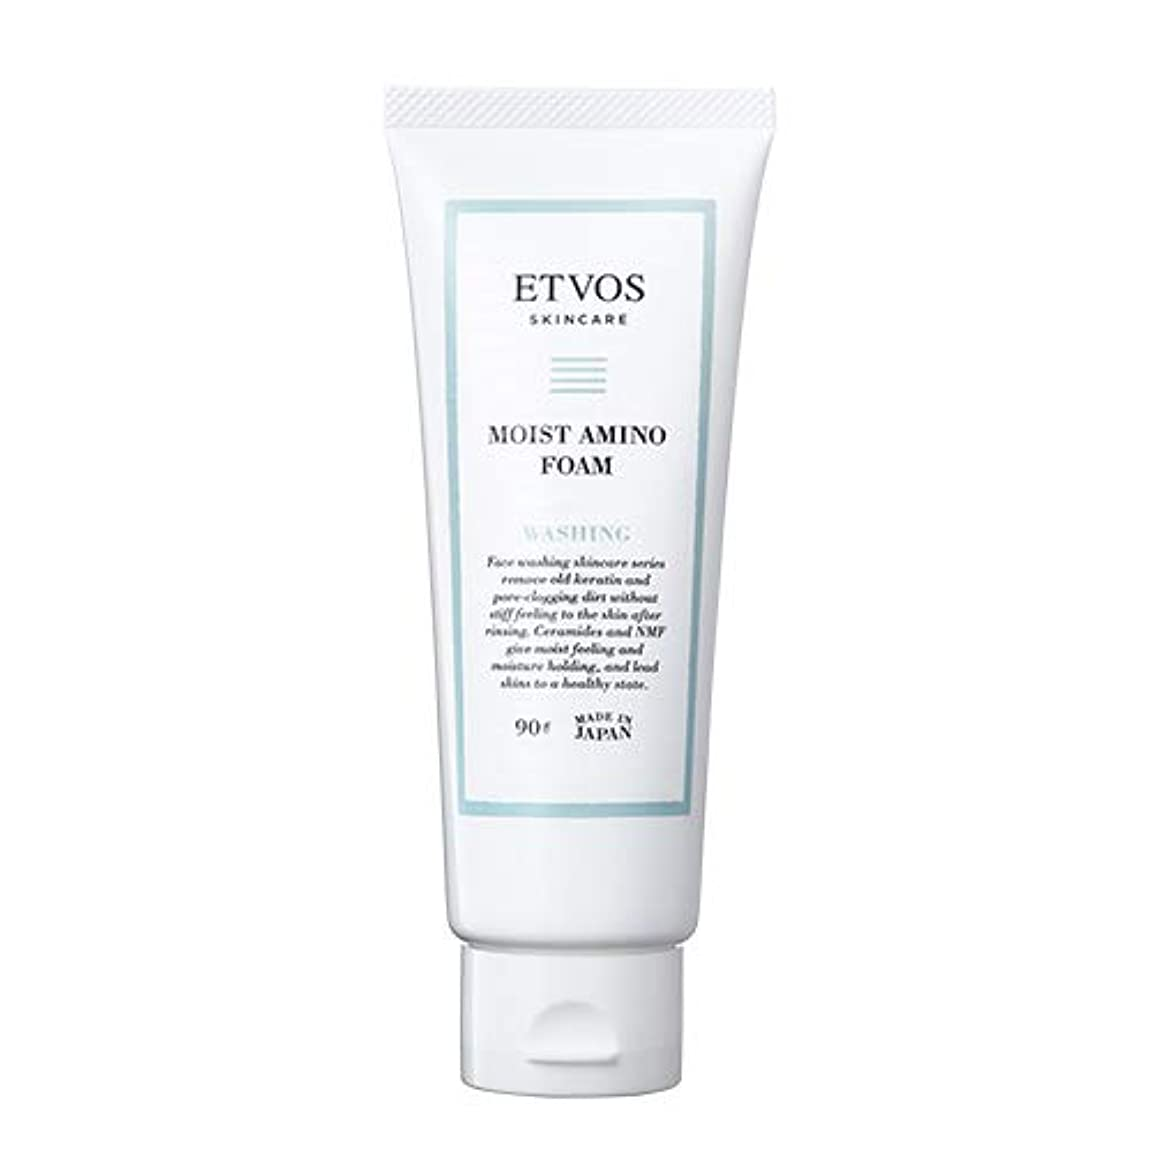 驚きルー後悔ETVOS(エトヴォス) 洗顔フォーム モイストアミノフォーム 90g ヒト型セラミド アミノ酸系 乾燥肌/敏感肌